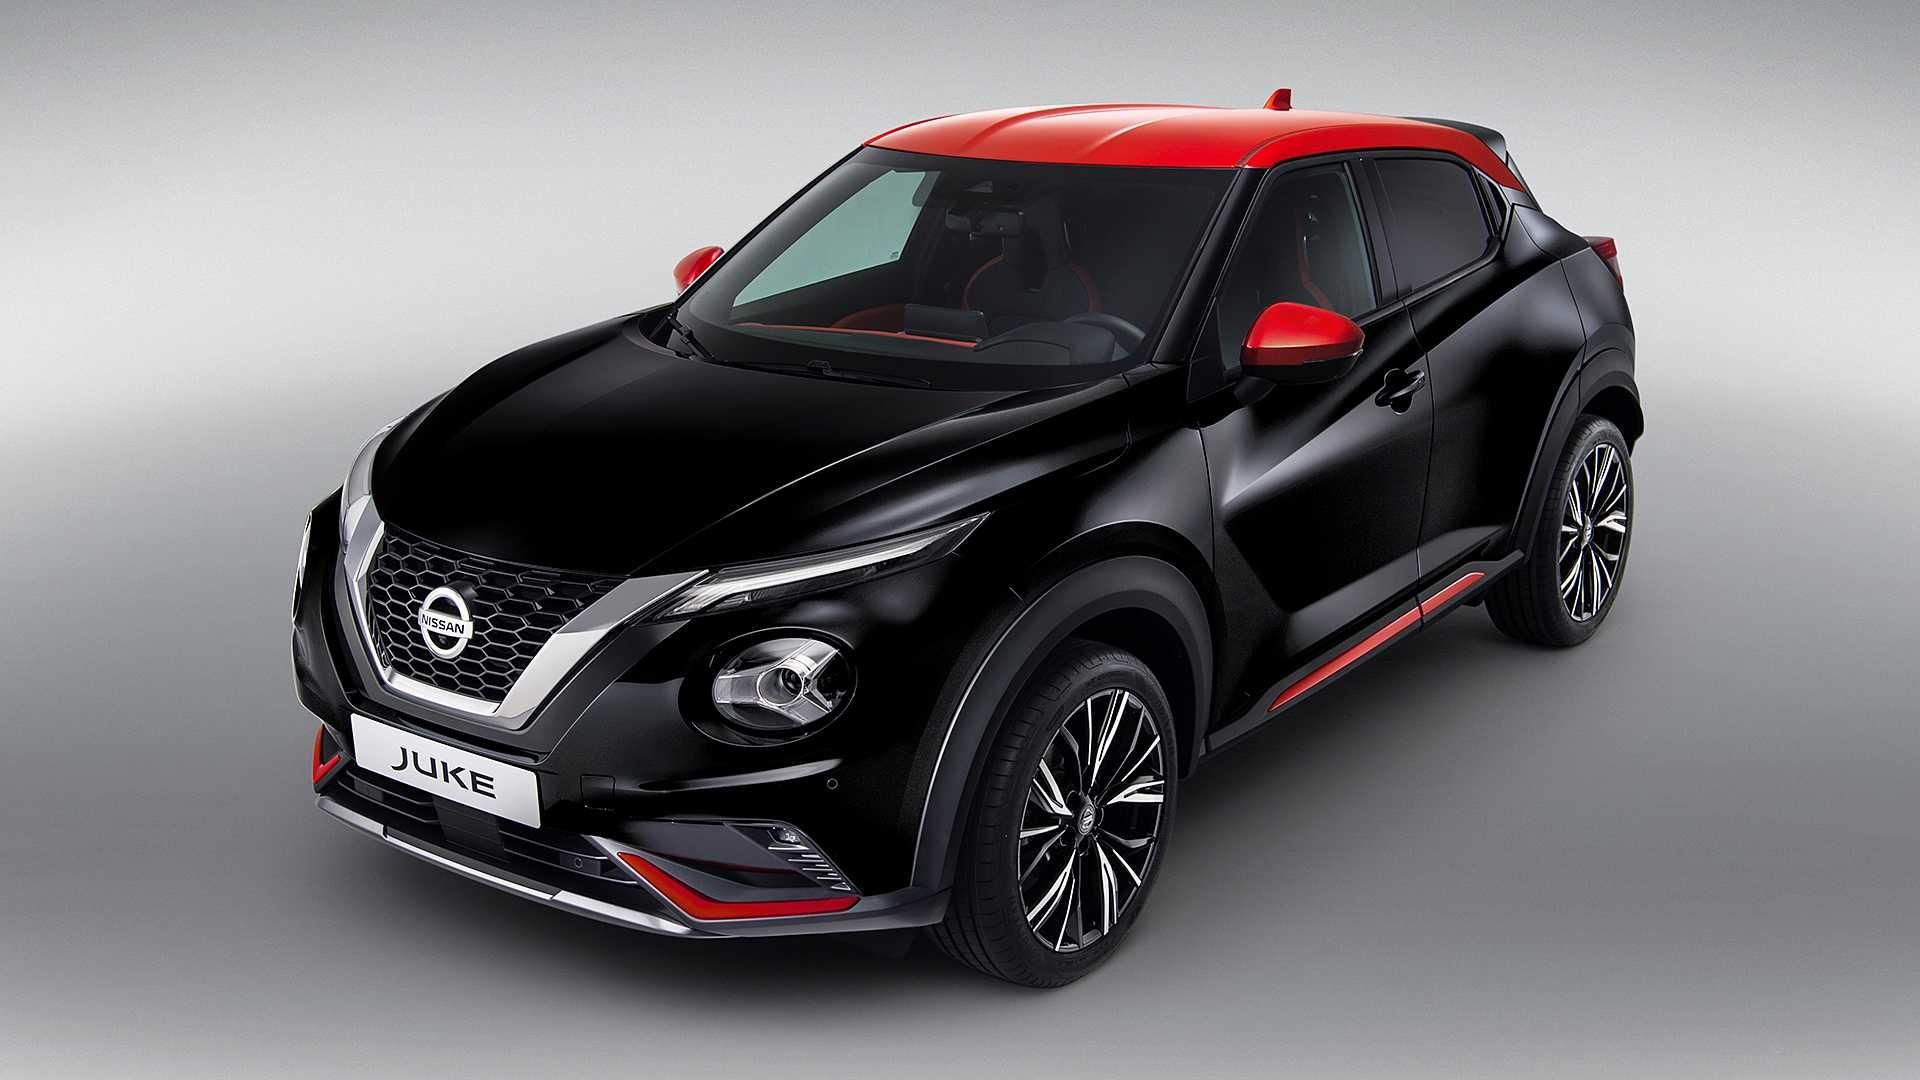 Ngam Nissan Juke 2020 bat dau ban ra voi gia 21.510 USD hinh anh 14